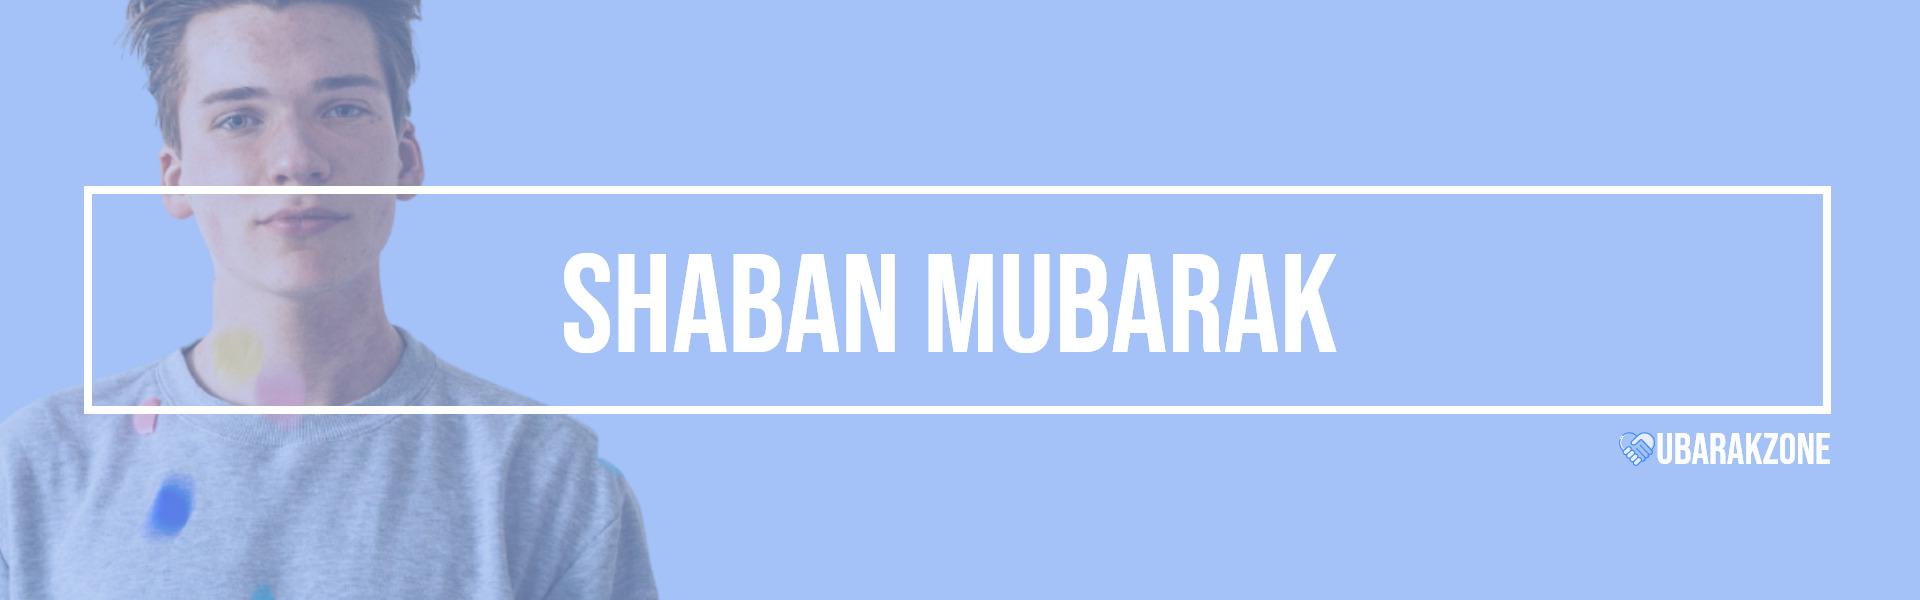 shaban mubarak wishes messages